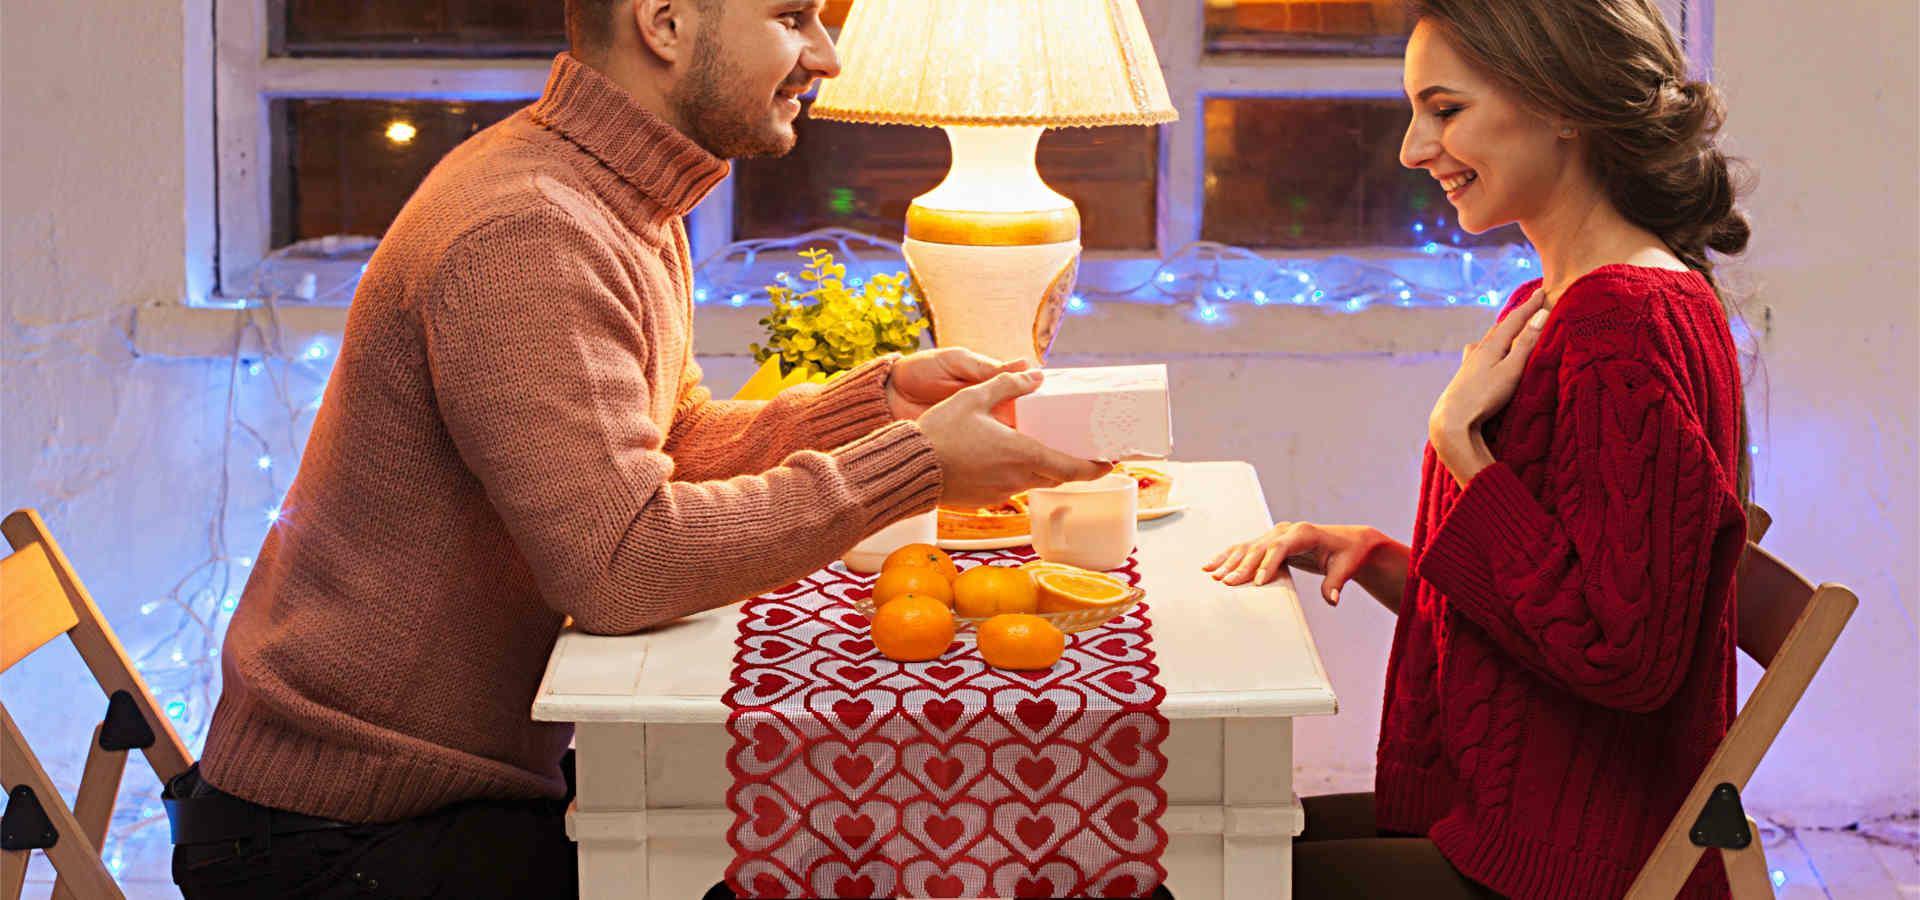 diner-romantique-pour-la-saint-valentin